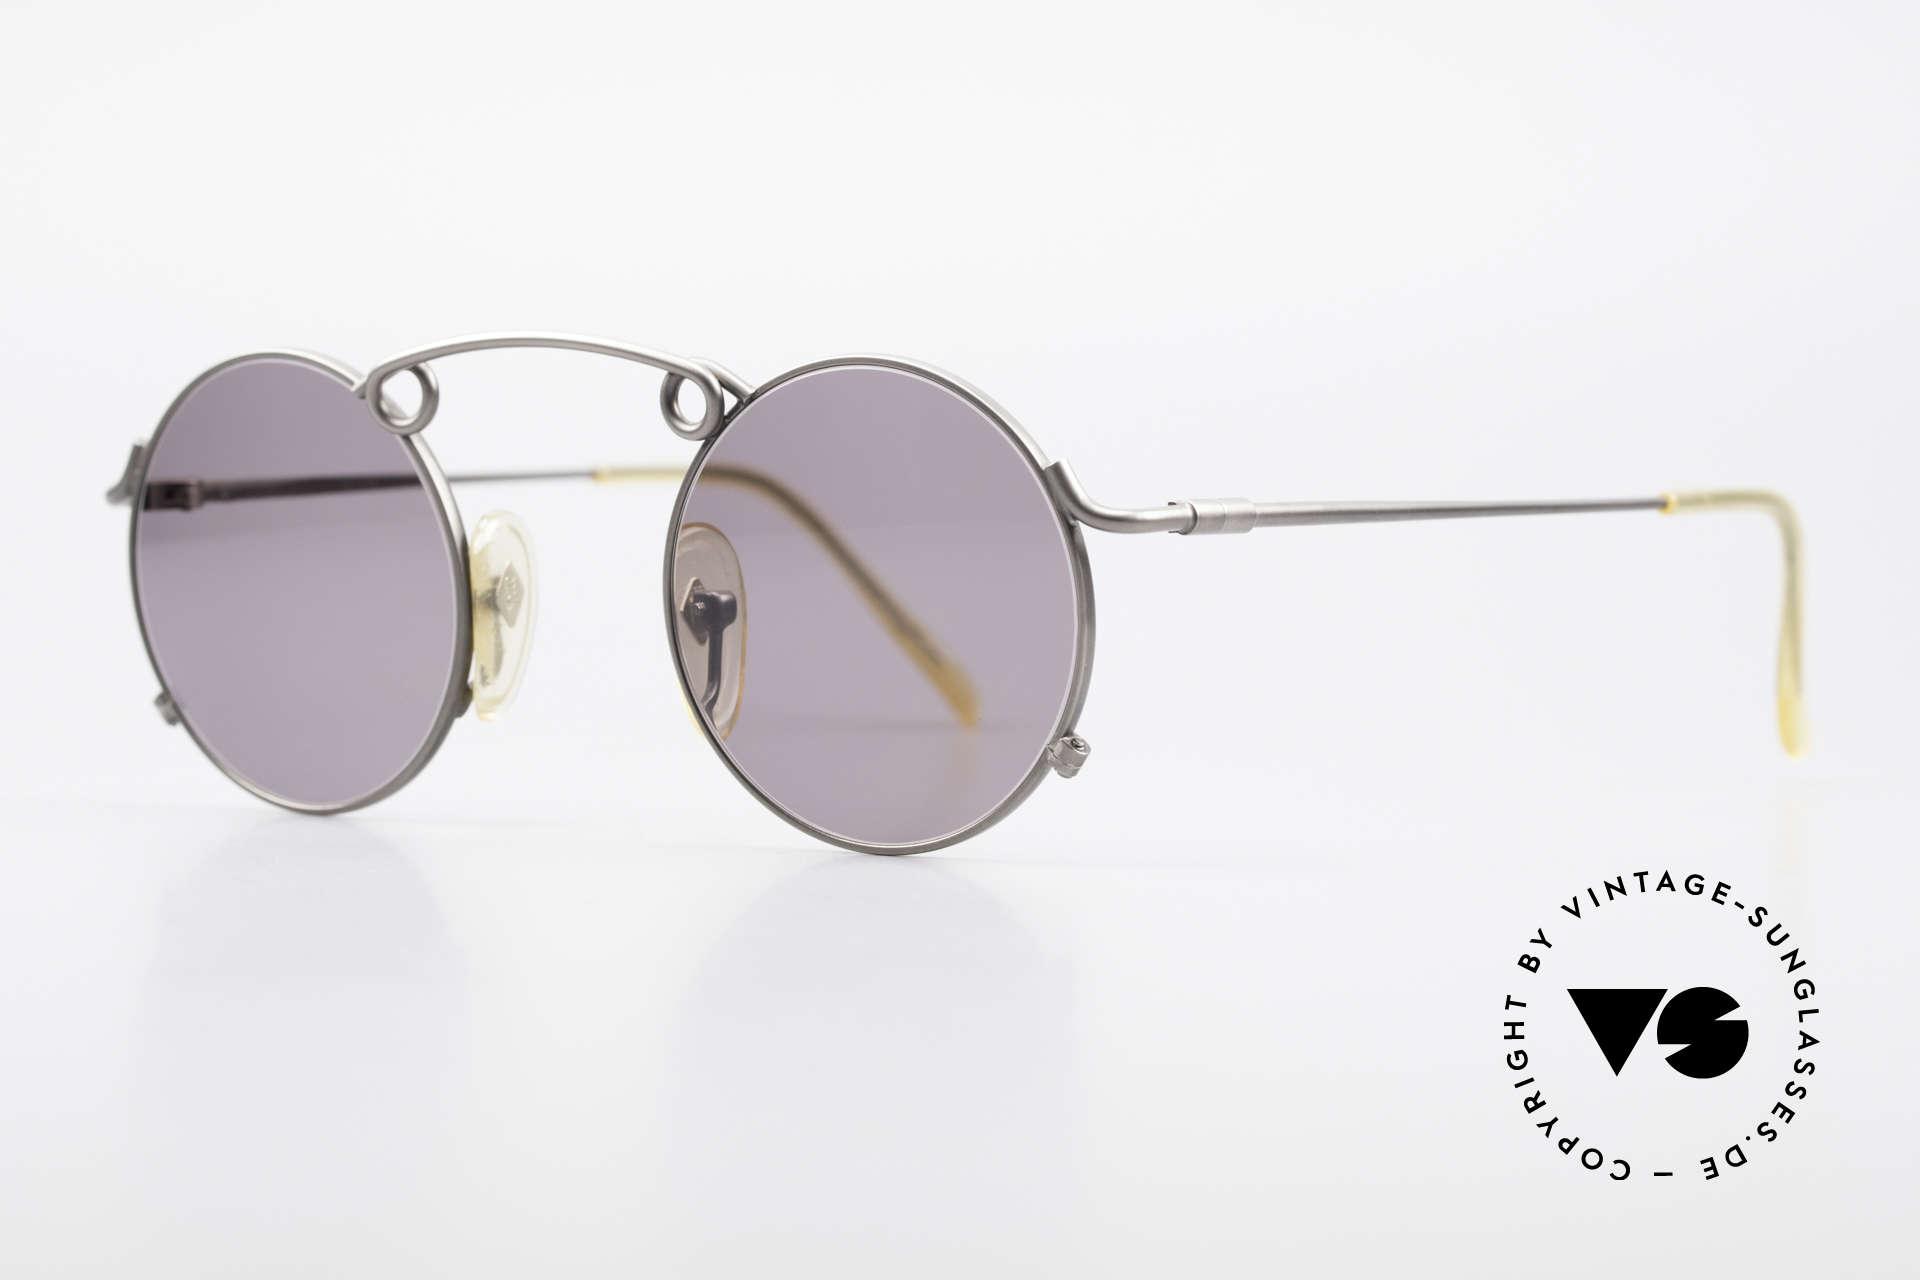 """Jean Paul Gaultier 56-1178 Kunstvolle Panto Sonnenbrille, enorm hochwertige Metall-Fassung in """"antik-silber"""", Passend für Herren und Damen"""